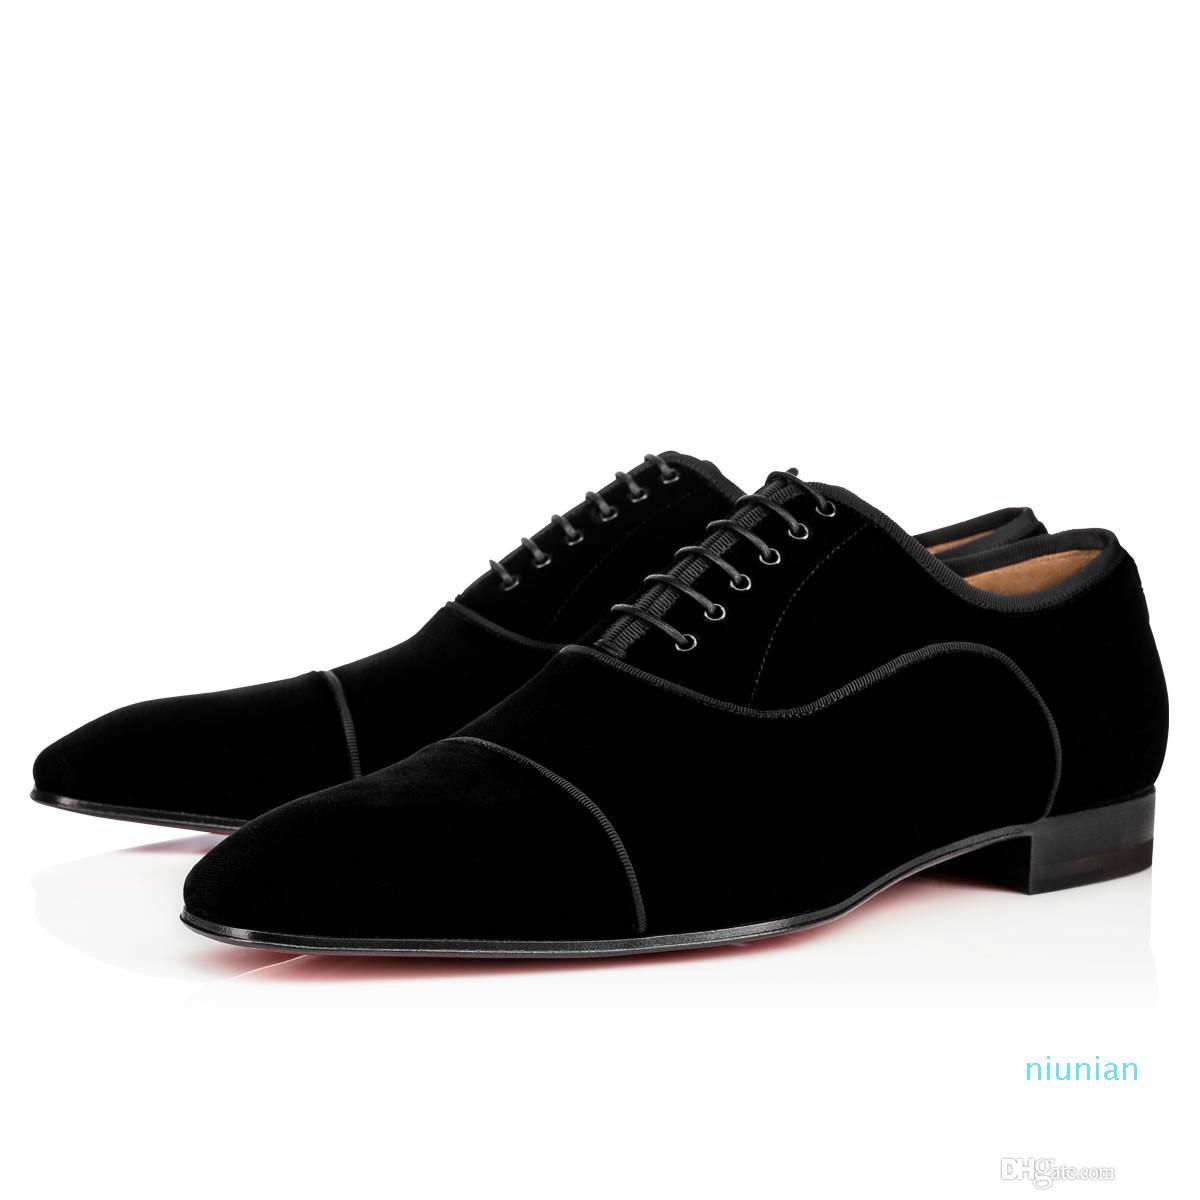 La venta caliente zapatos inferiores rojos Greggo Orlato plano de cuero genuino zapatos Oxford para mujer para hombre que camina fiesta de la boda holgazanes de los planos 35-46